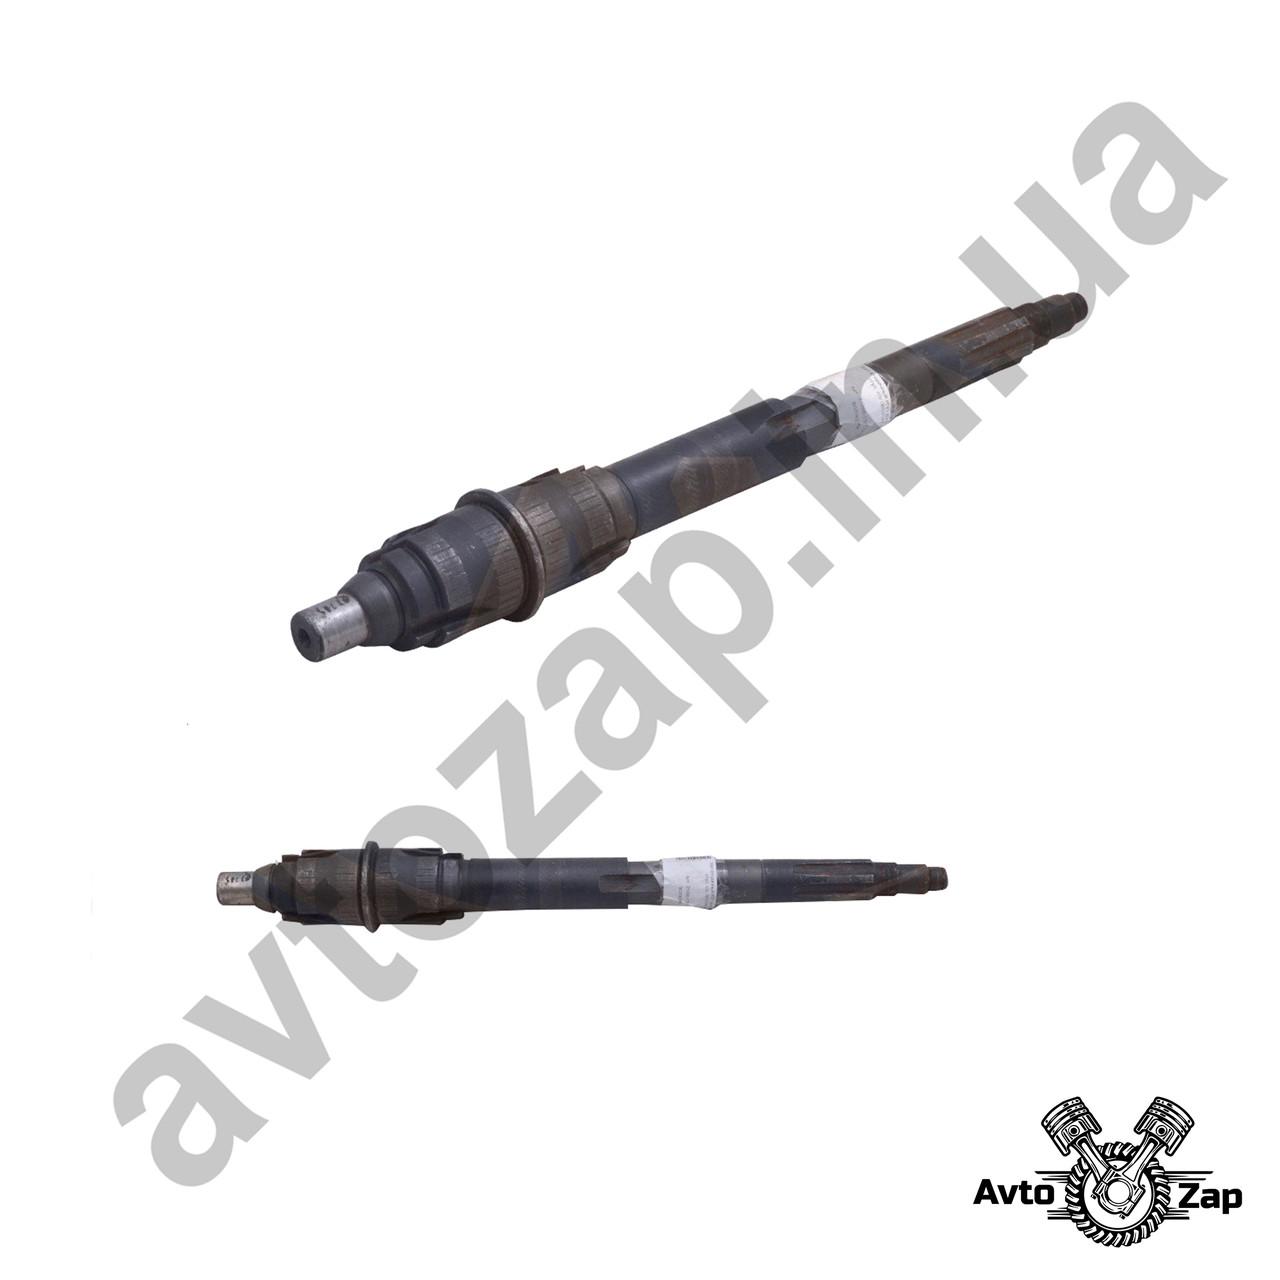 Вал втроричный КПП ВАЗ 2101-07, 5 ступ. с/о .    01802